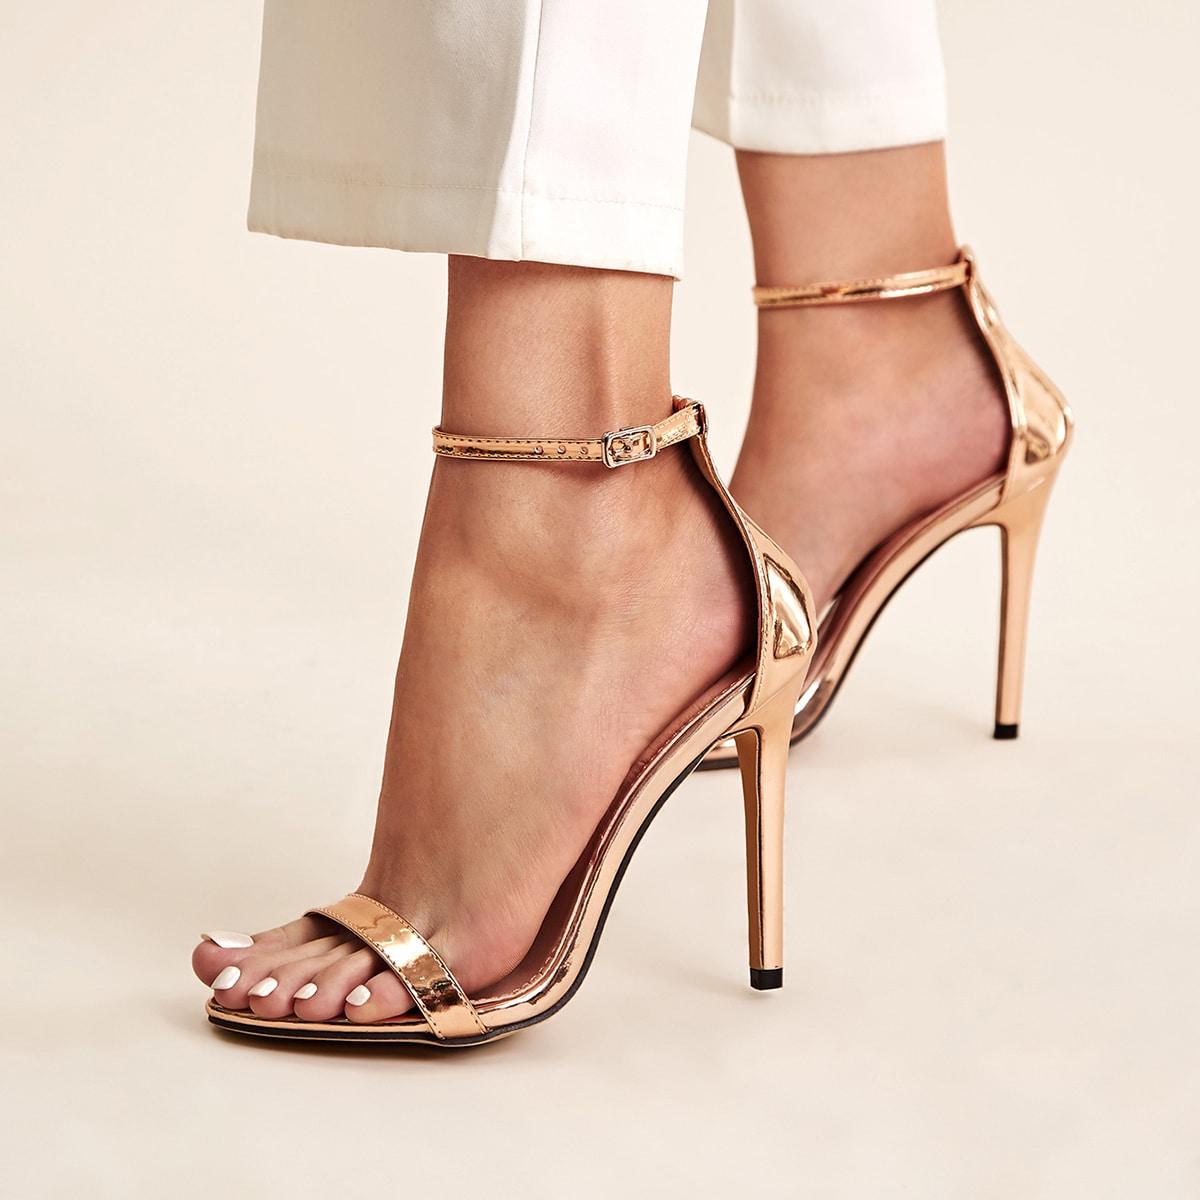 Туфли на шпильках с ремешком металлического цвета от SHEIN